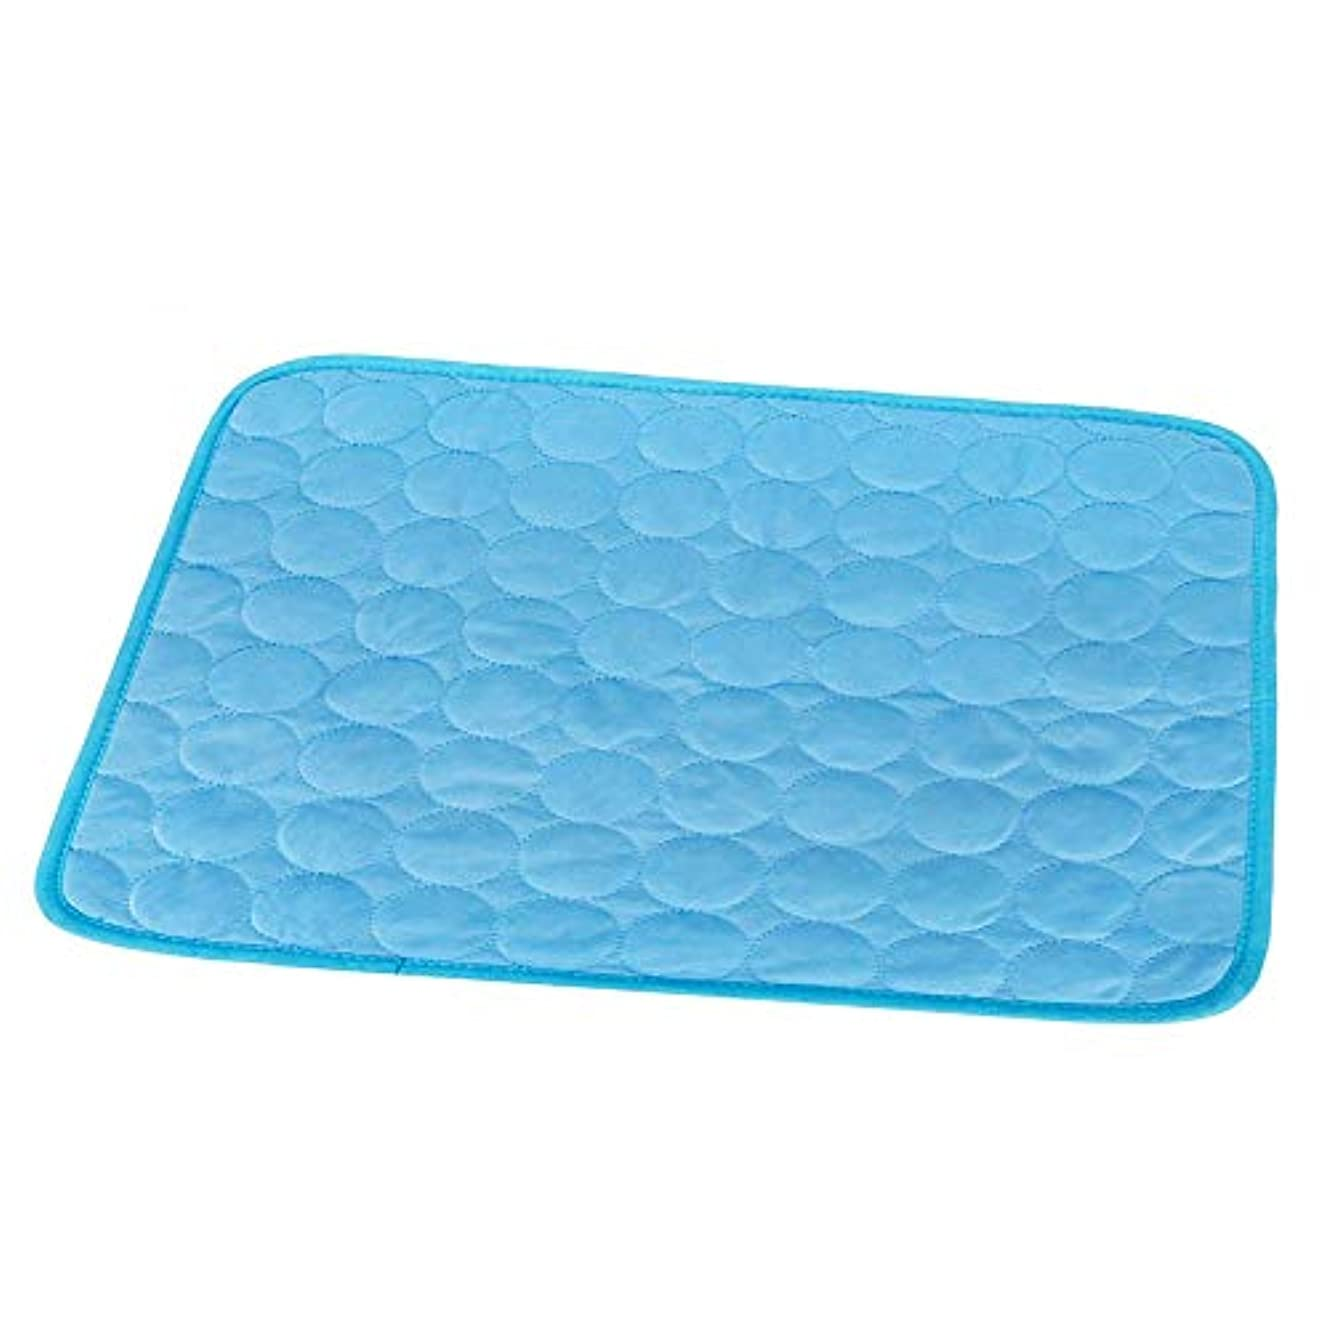 処理する関連する正しいクールマット ひんやりマット ひんやり枕 冷感敷きパッド タオル地 通気性が良い 接触冷感 涼感冷感クッション